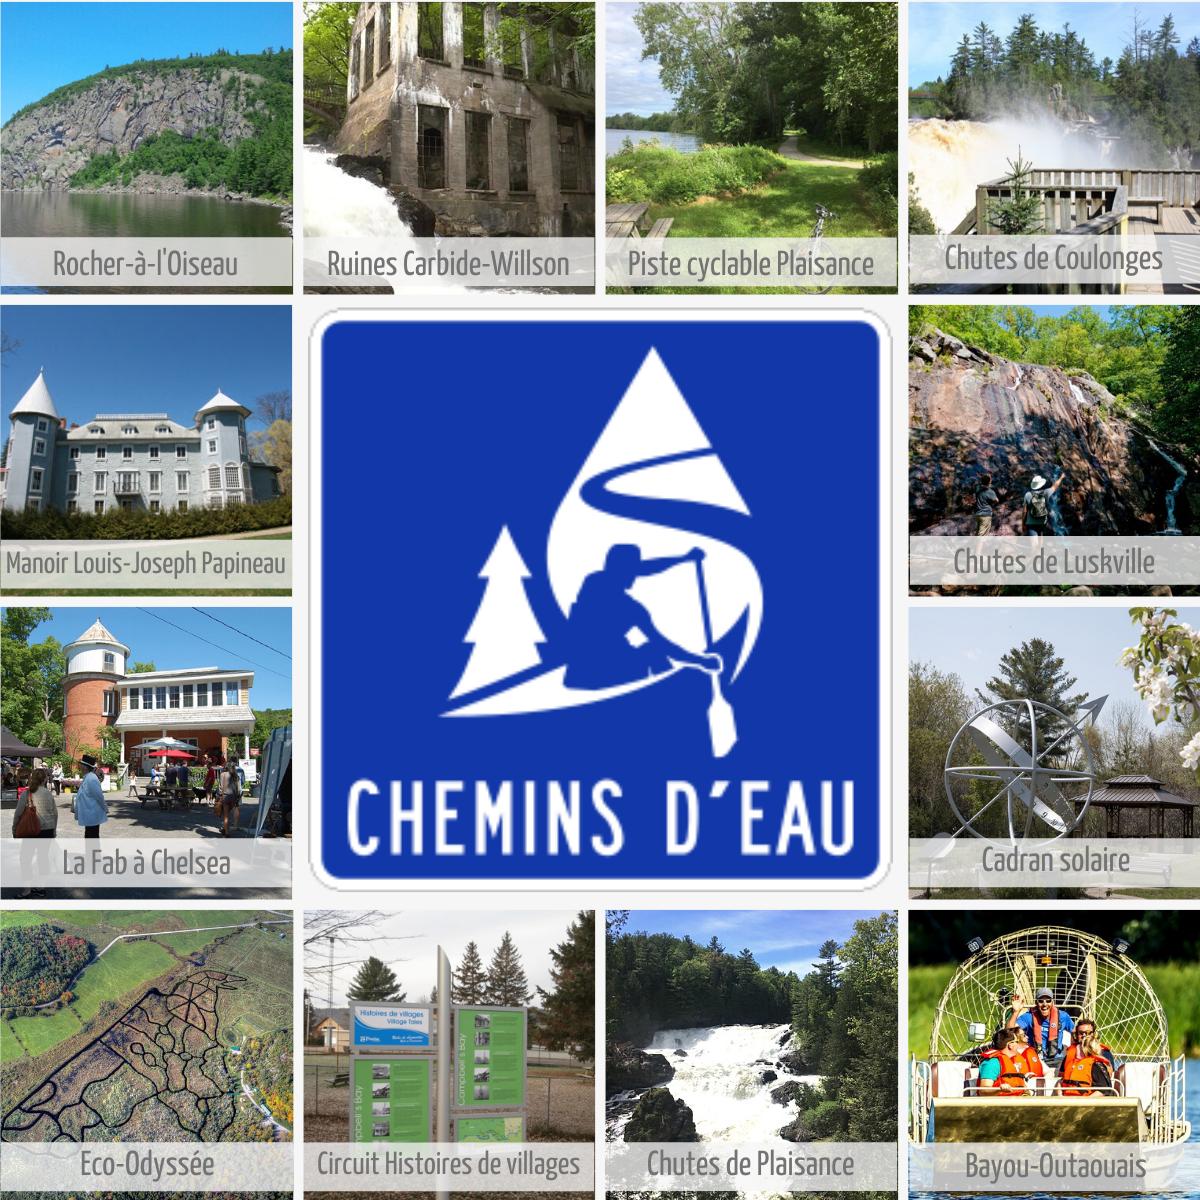 Les Chemins d'eau, route touristique de l'Outaouais